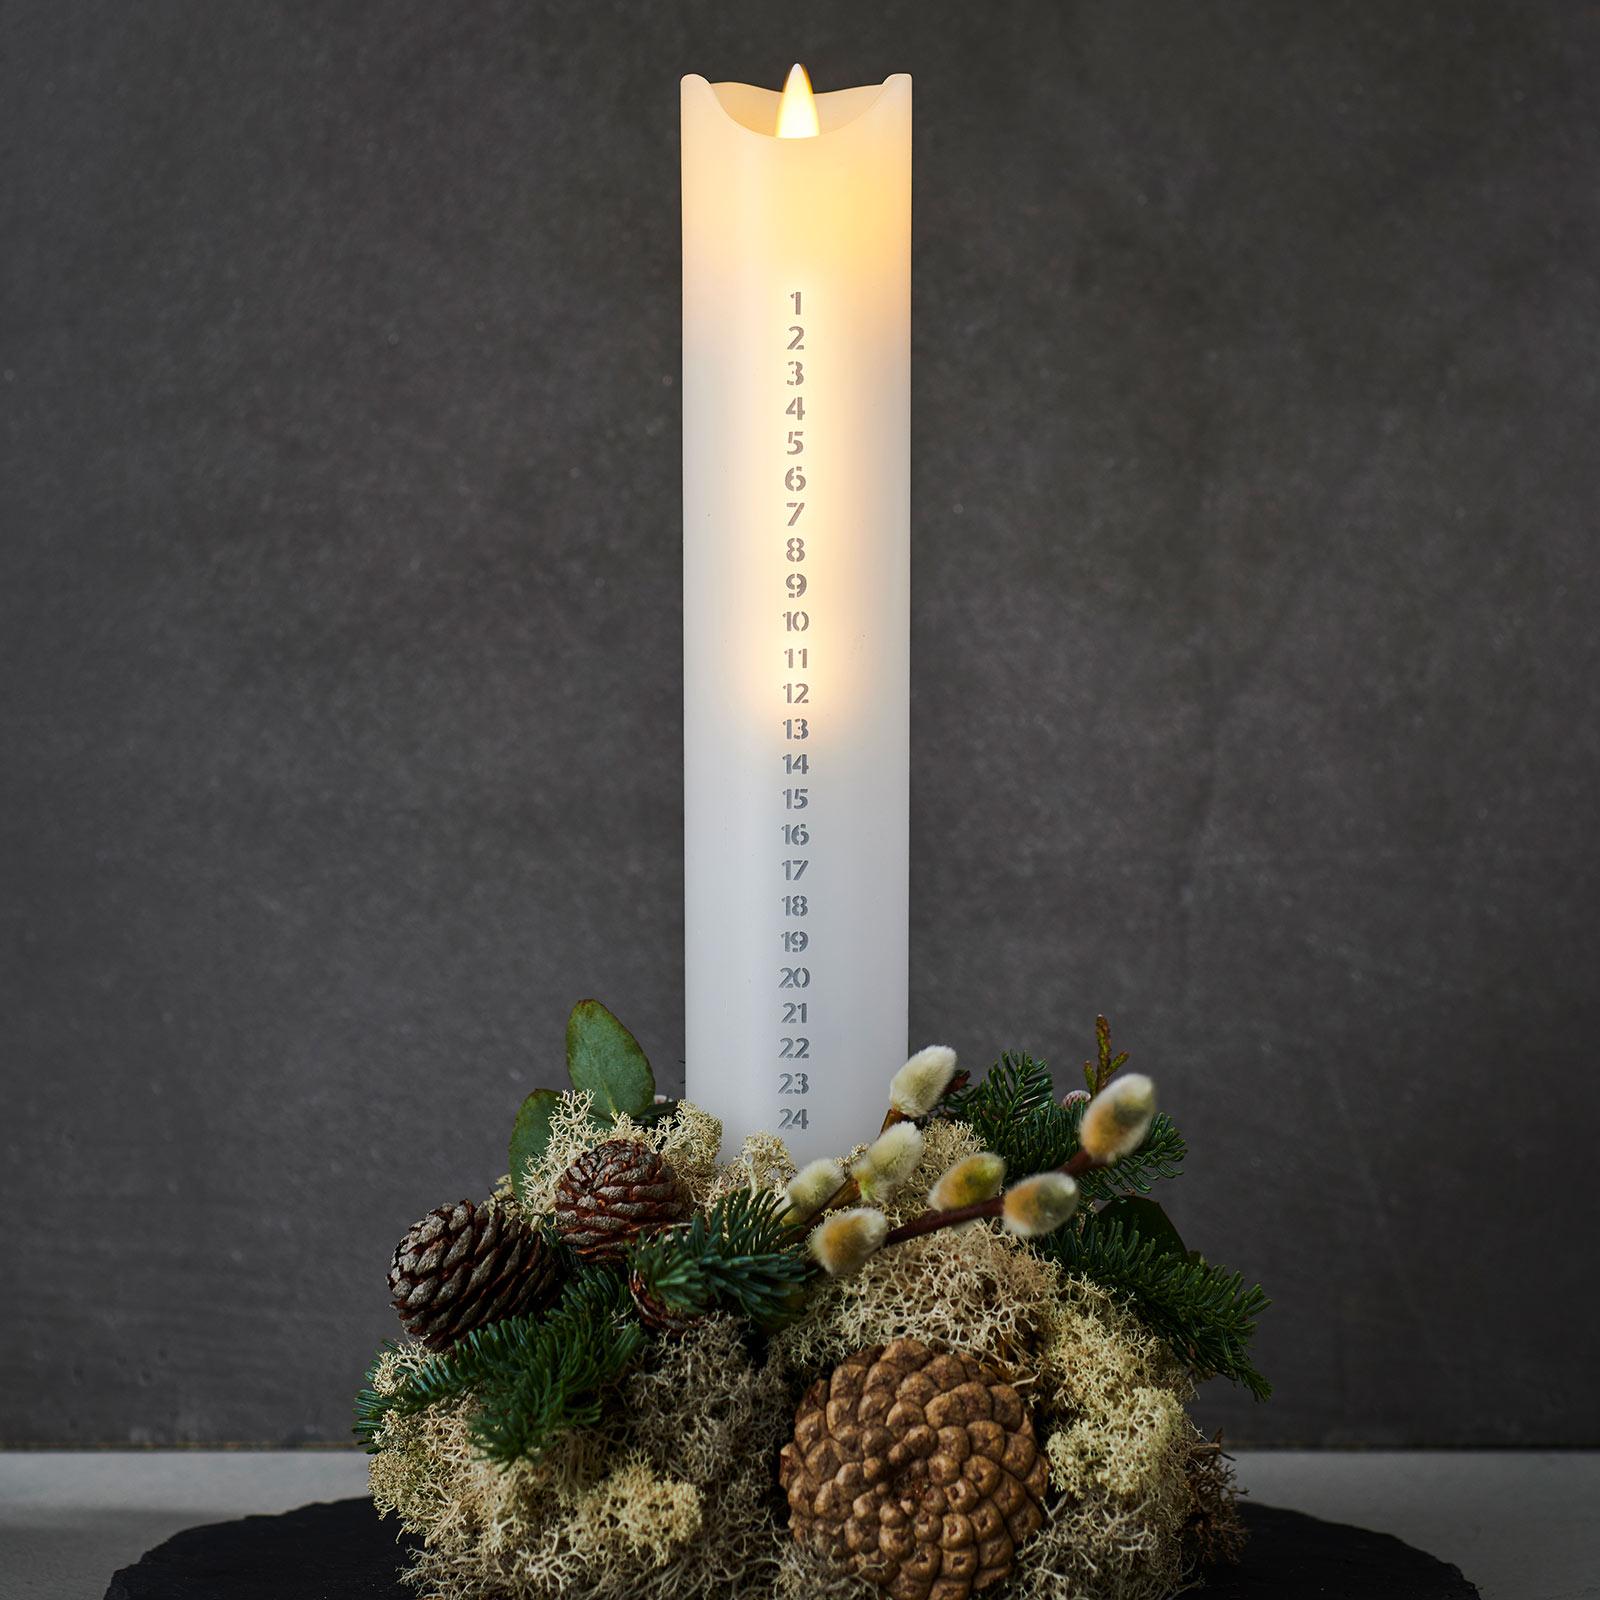 Candela LED Sara Calendar, bianco/argento, 29 cm